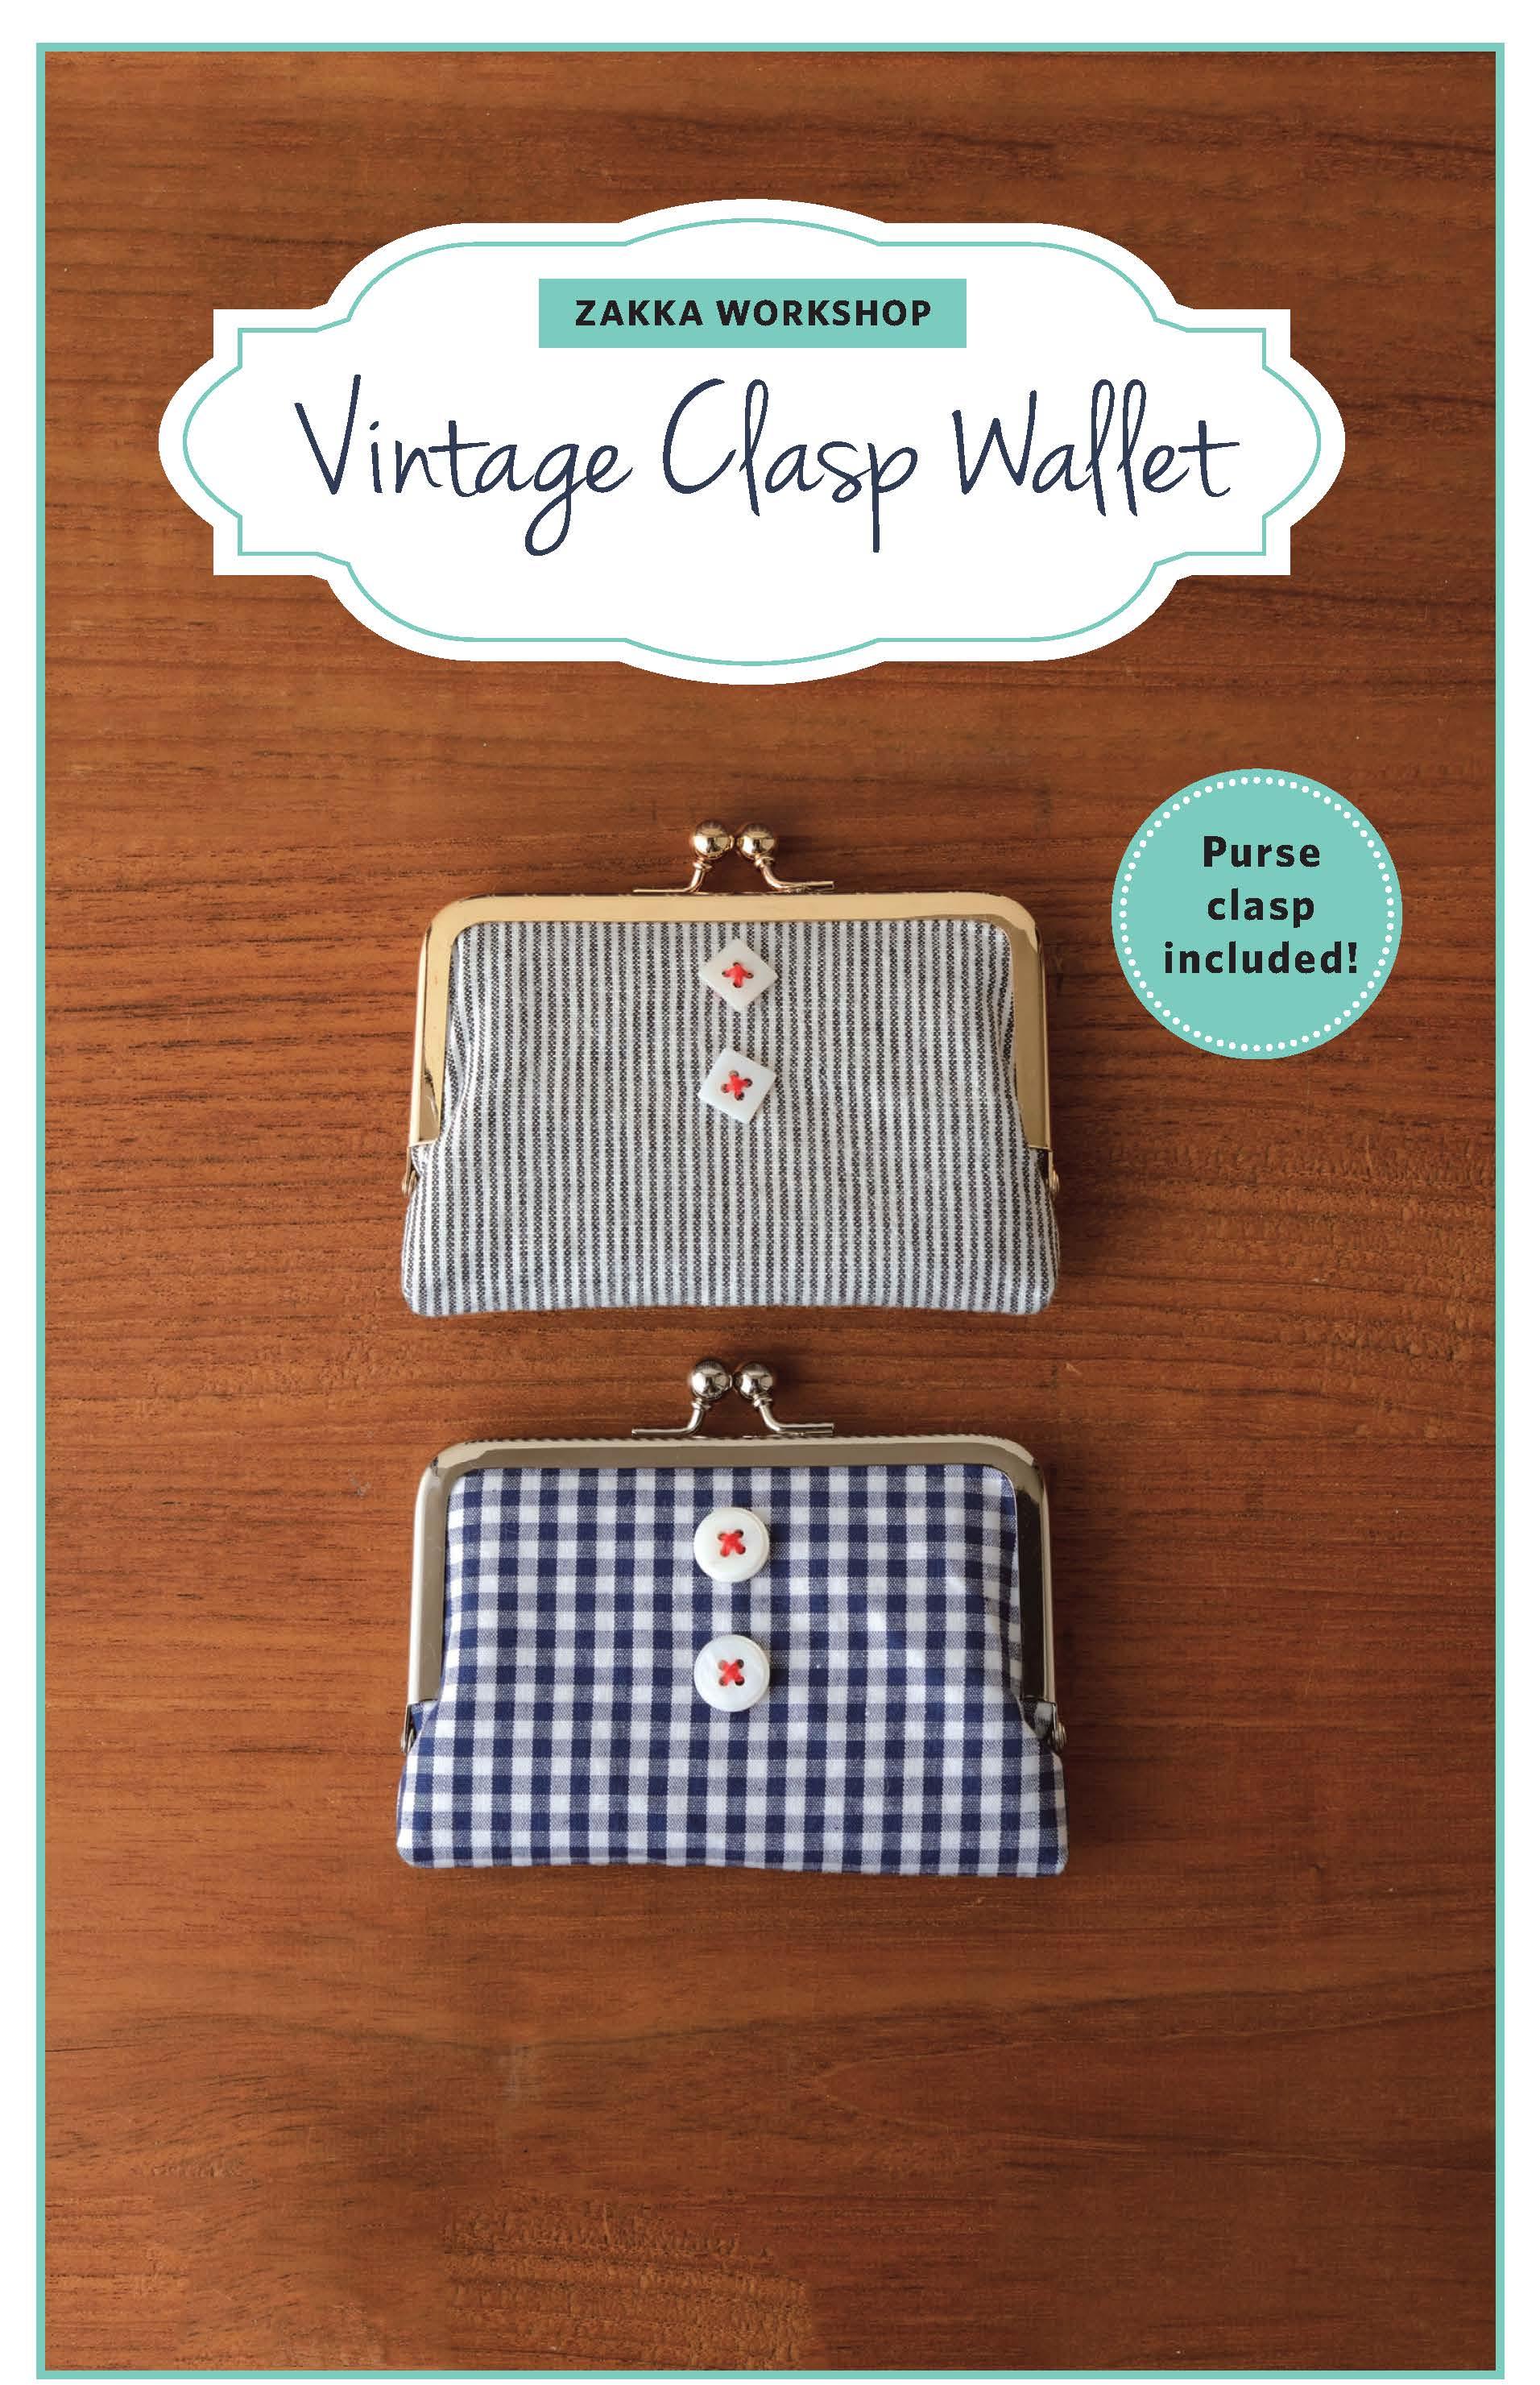 Vintage Clasp Wallet.jpg